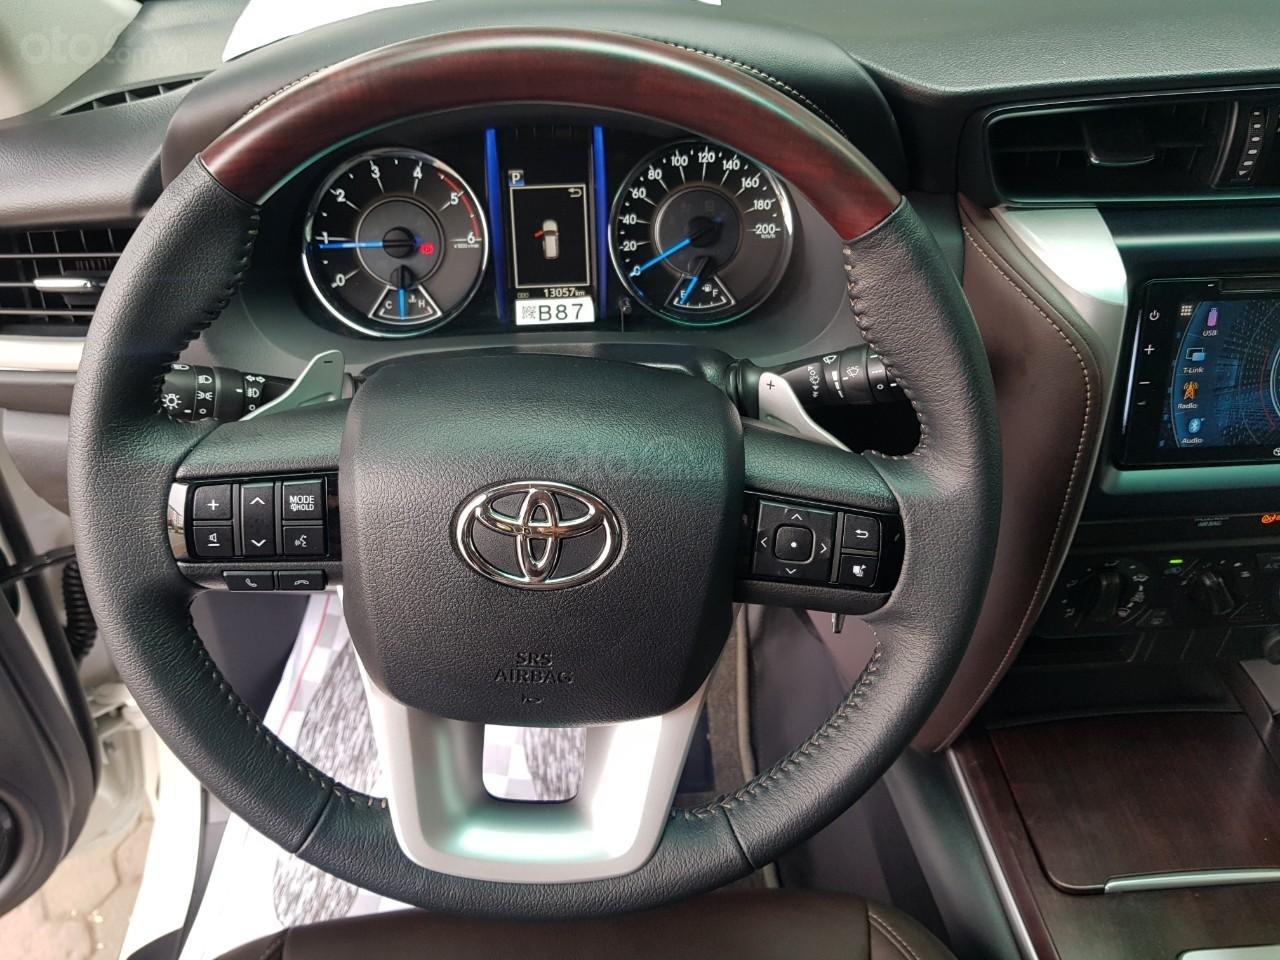 Toyota Fortuner 2.4 máy dầu màu trắng sx 2020 xe một chủ từ đầu đi hơn 10.000km (10)